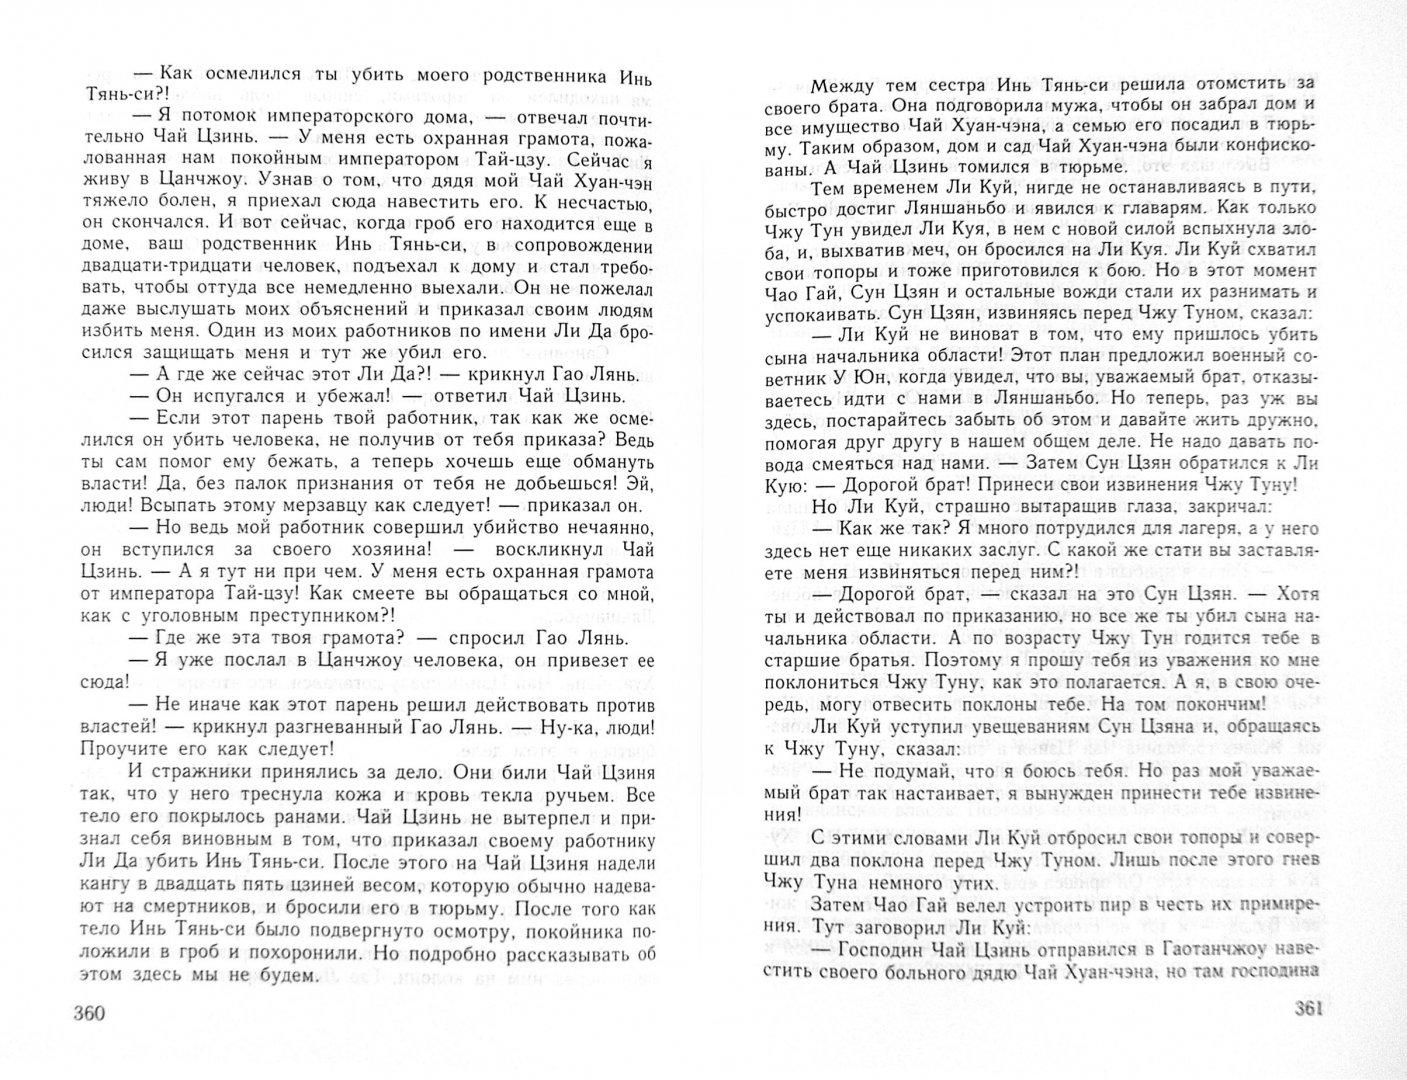 Иллюстрация 1 из 5 для Речные заводи. Том 2. Роман в двух томах - Най-ань Ши   Лабиринт - книги. Источник: Лабиринт